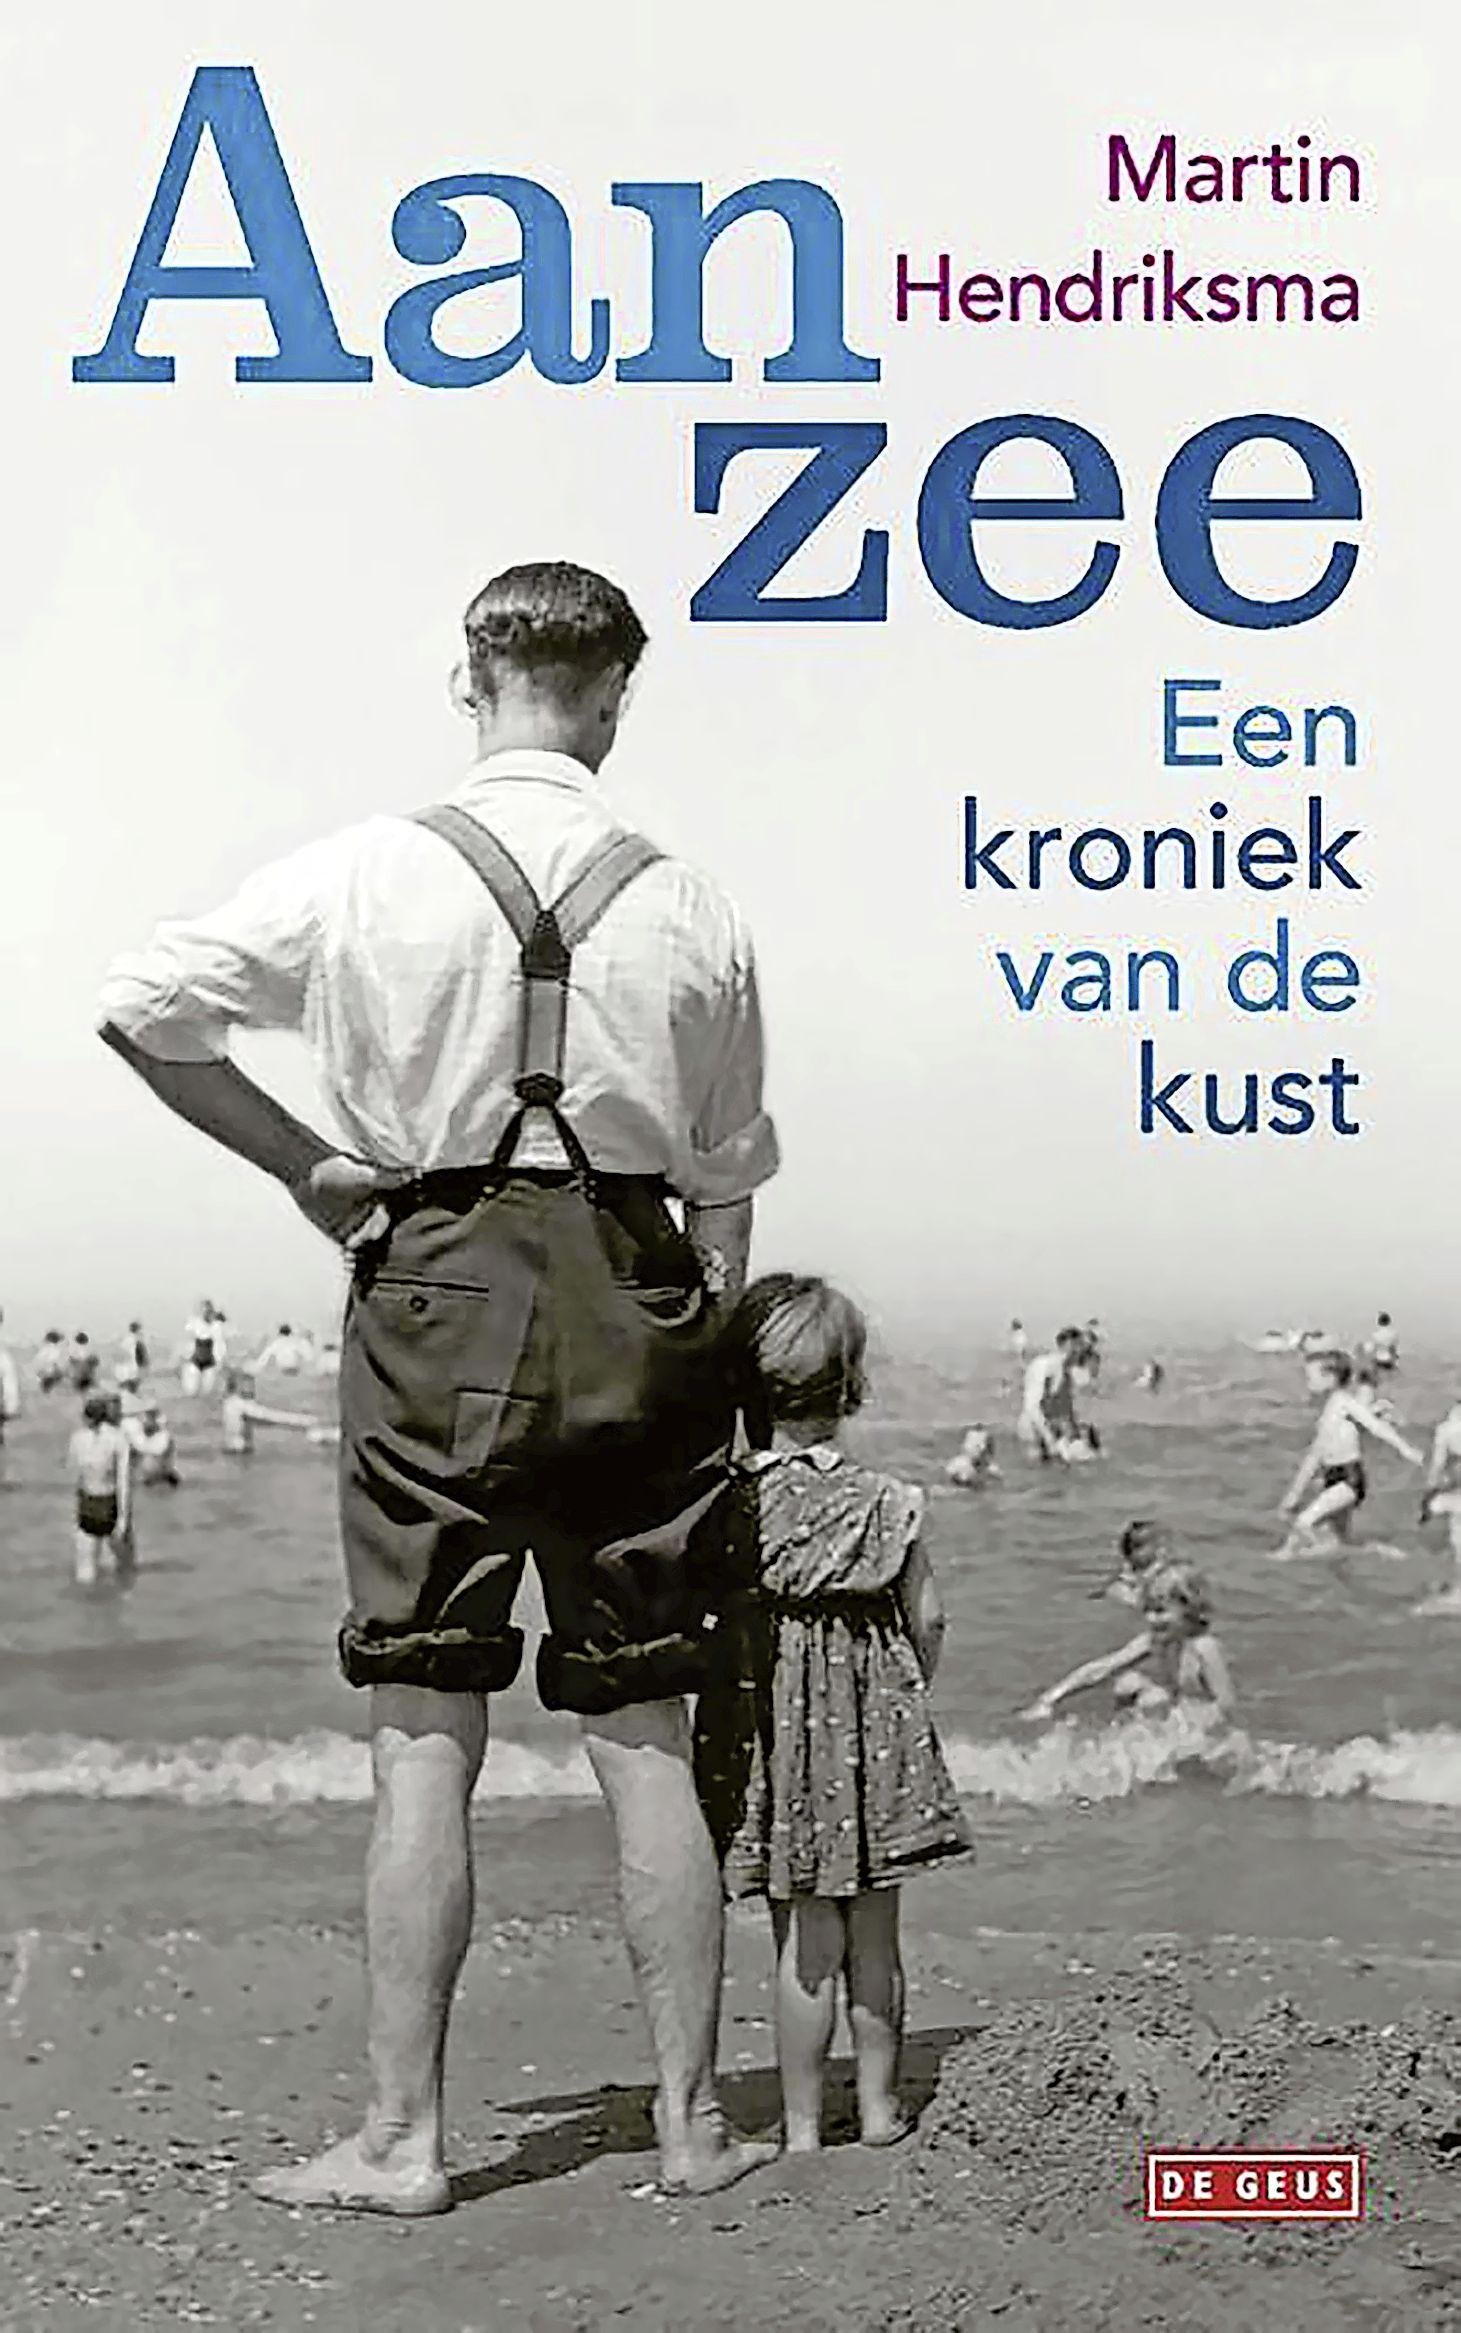 Martin Hendriksma beschrijft in boek 'Aan Zee' de kust; 'Wandelend langs de vloedlijn waaien alle beslommeringen uit je kop'